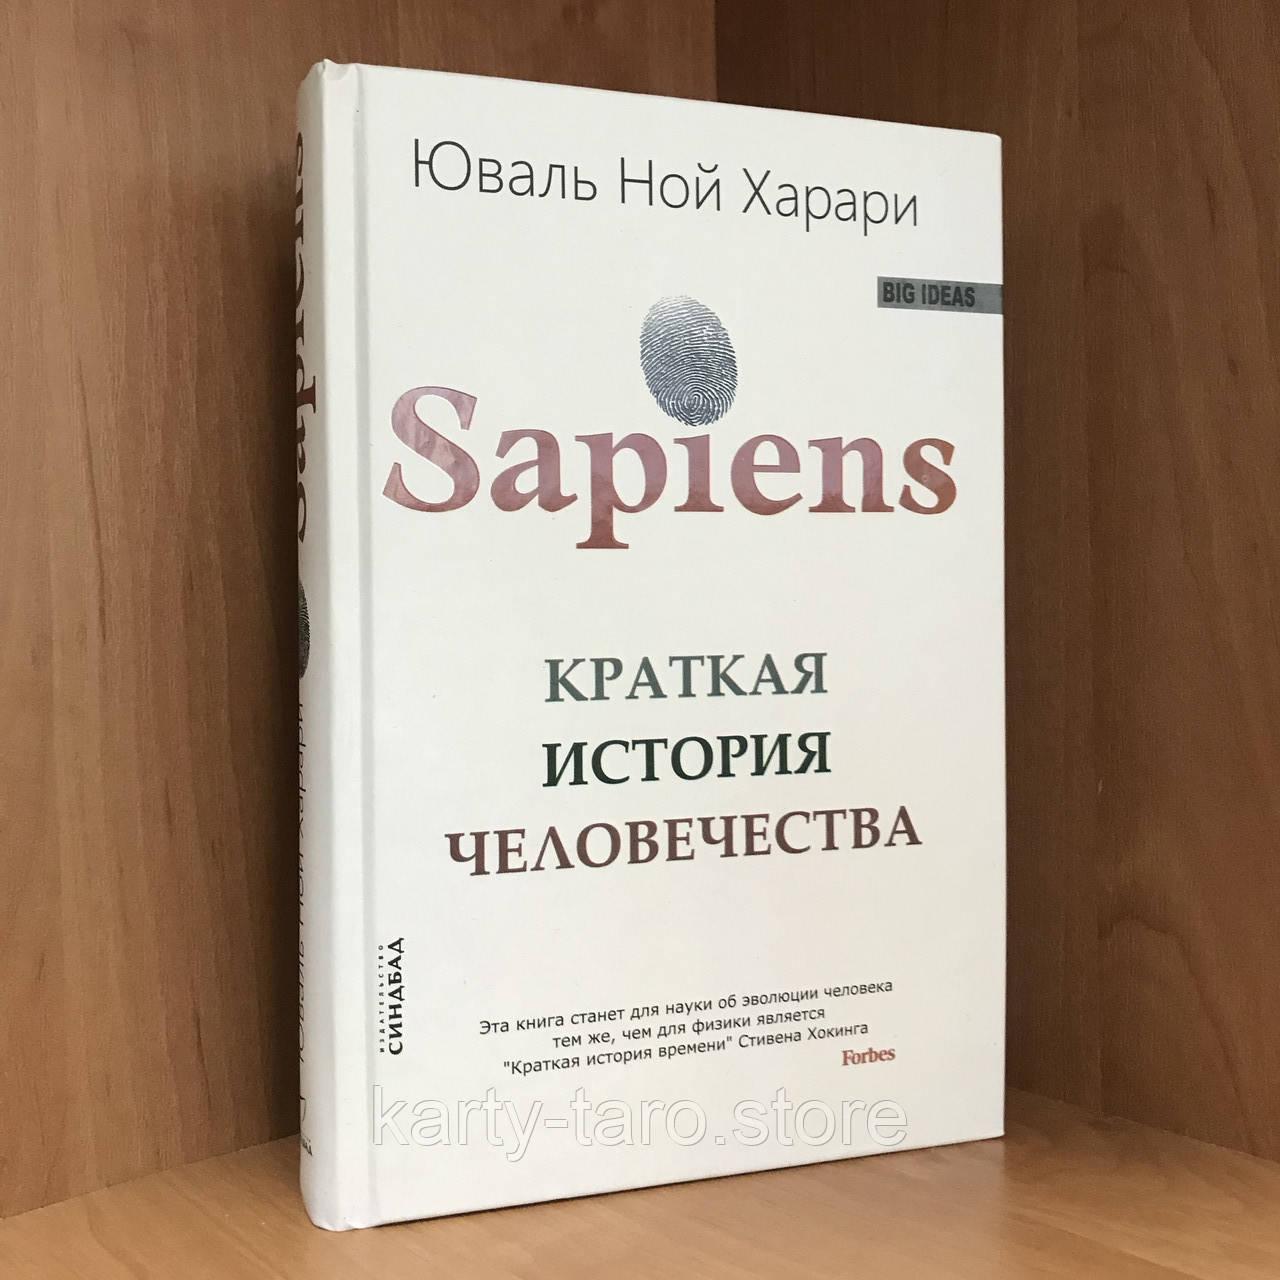 Книга Sapiens. Краткая история человечества - Юваль Ной Харари